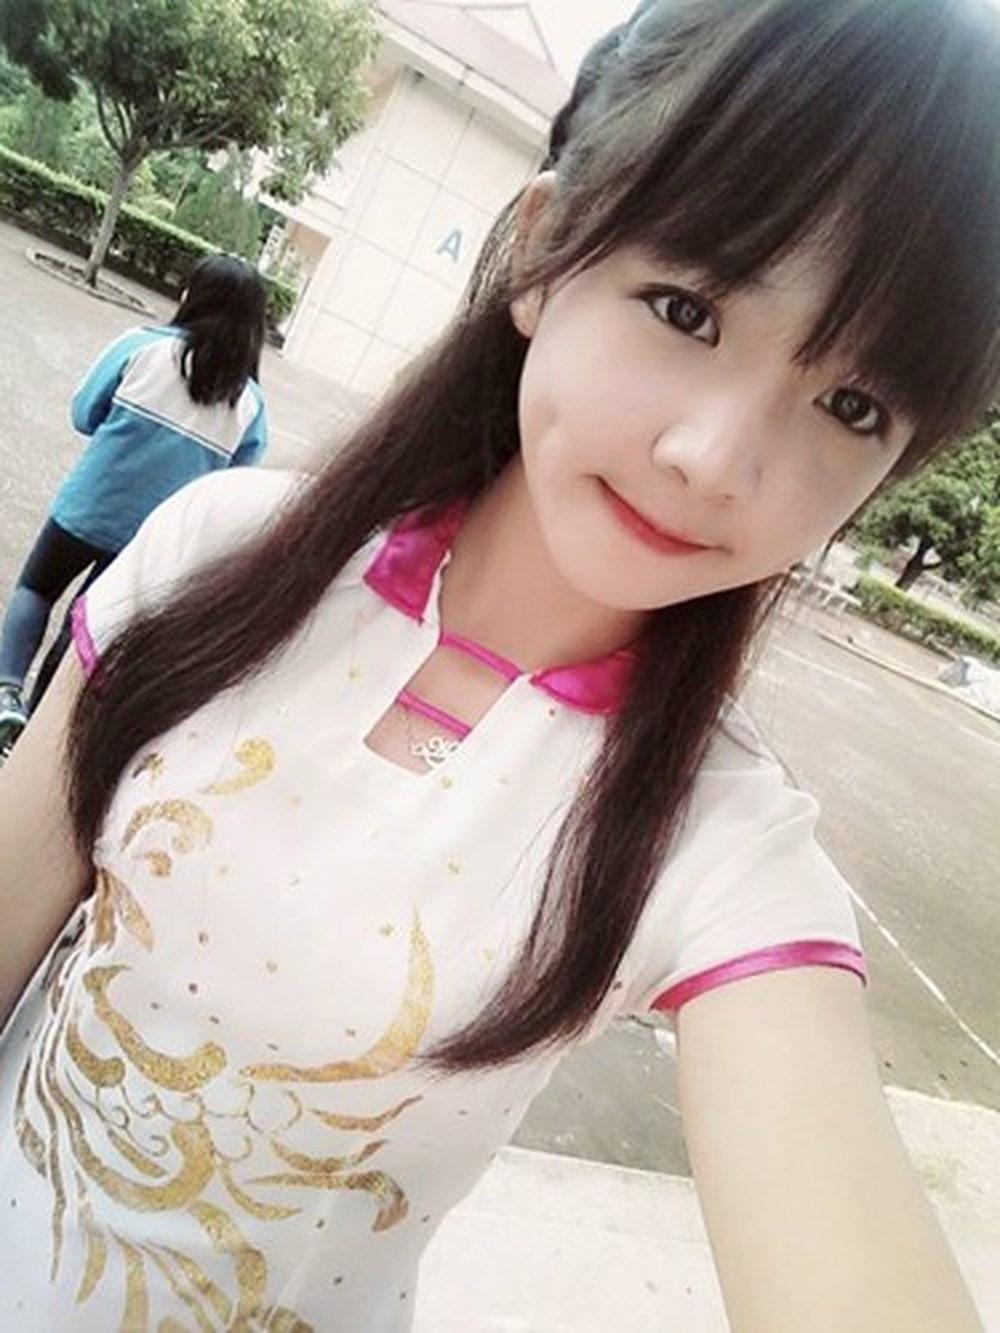 Từ bức ảnh chụp năm lớp 9, Trần Huyền Châu (17 tuổi) ngay lập tức trở thành nhân vật được dân mạng tìm kiếm vào 2-3 năm trước. Sở hữu gương mặt dễ thương, 10X được mệnh danh là 'hot girl tiểu học' tại thời điểm đó.